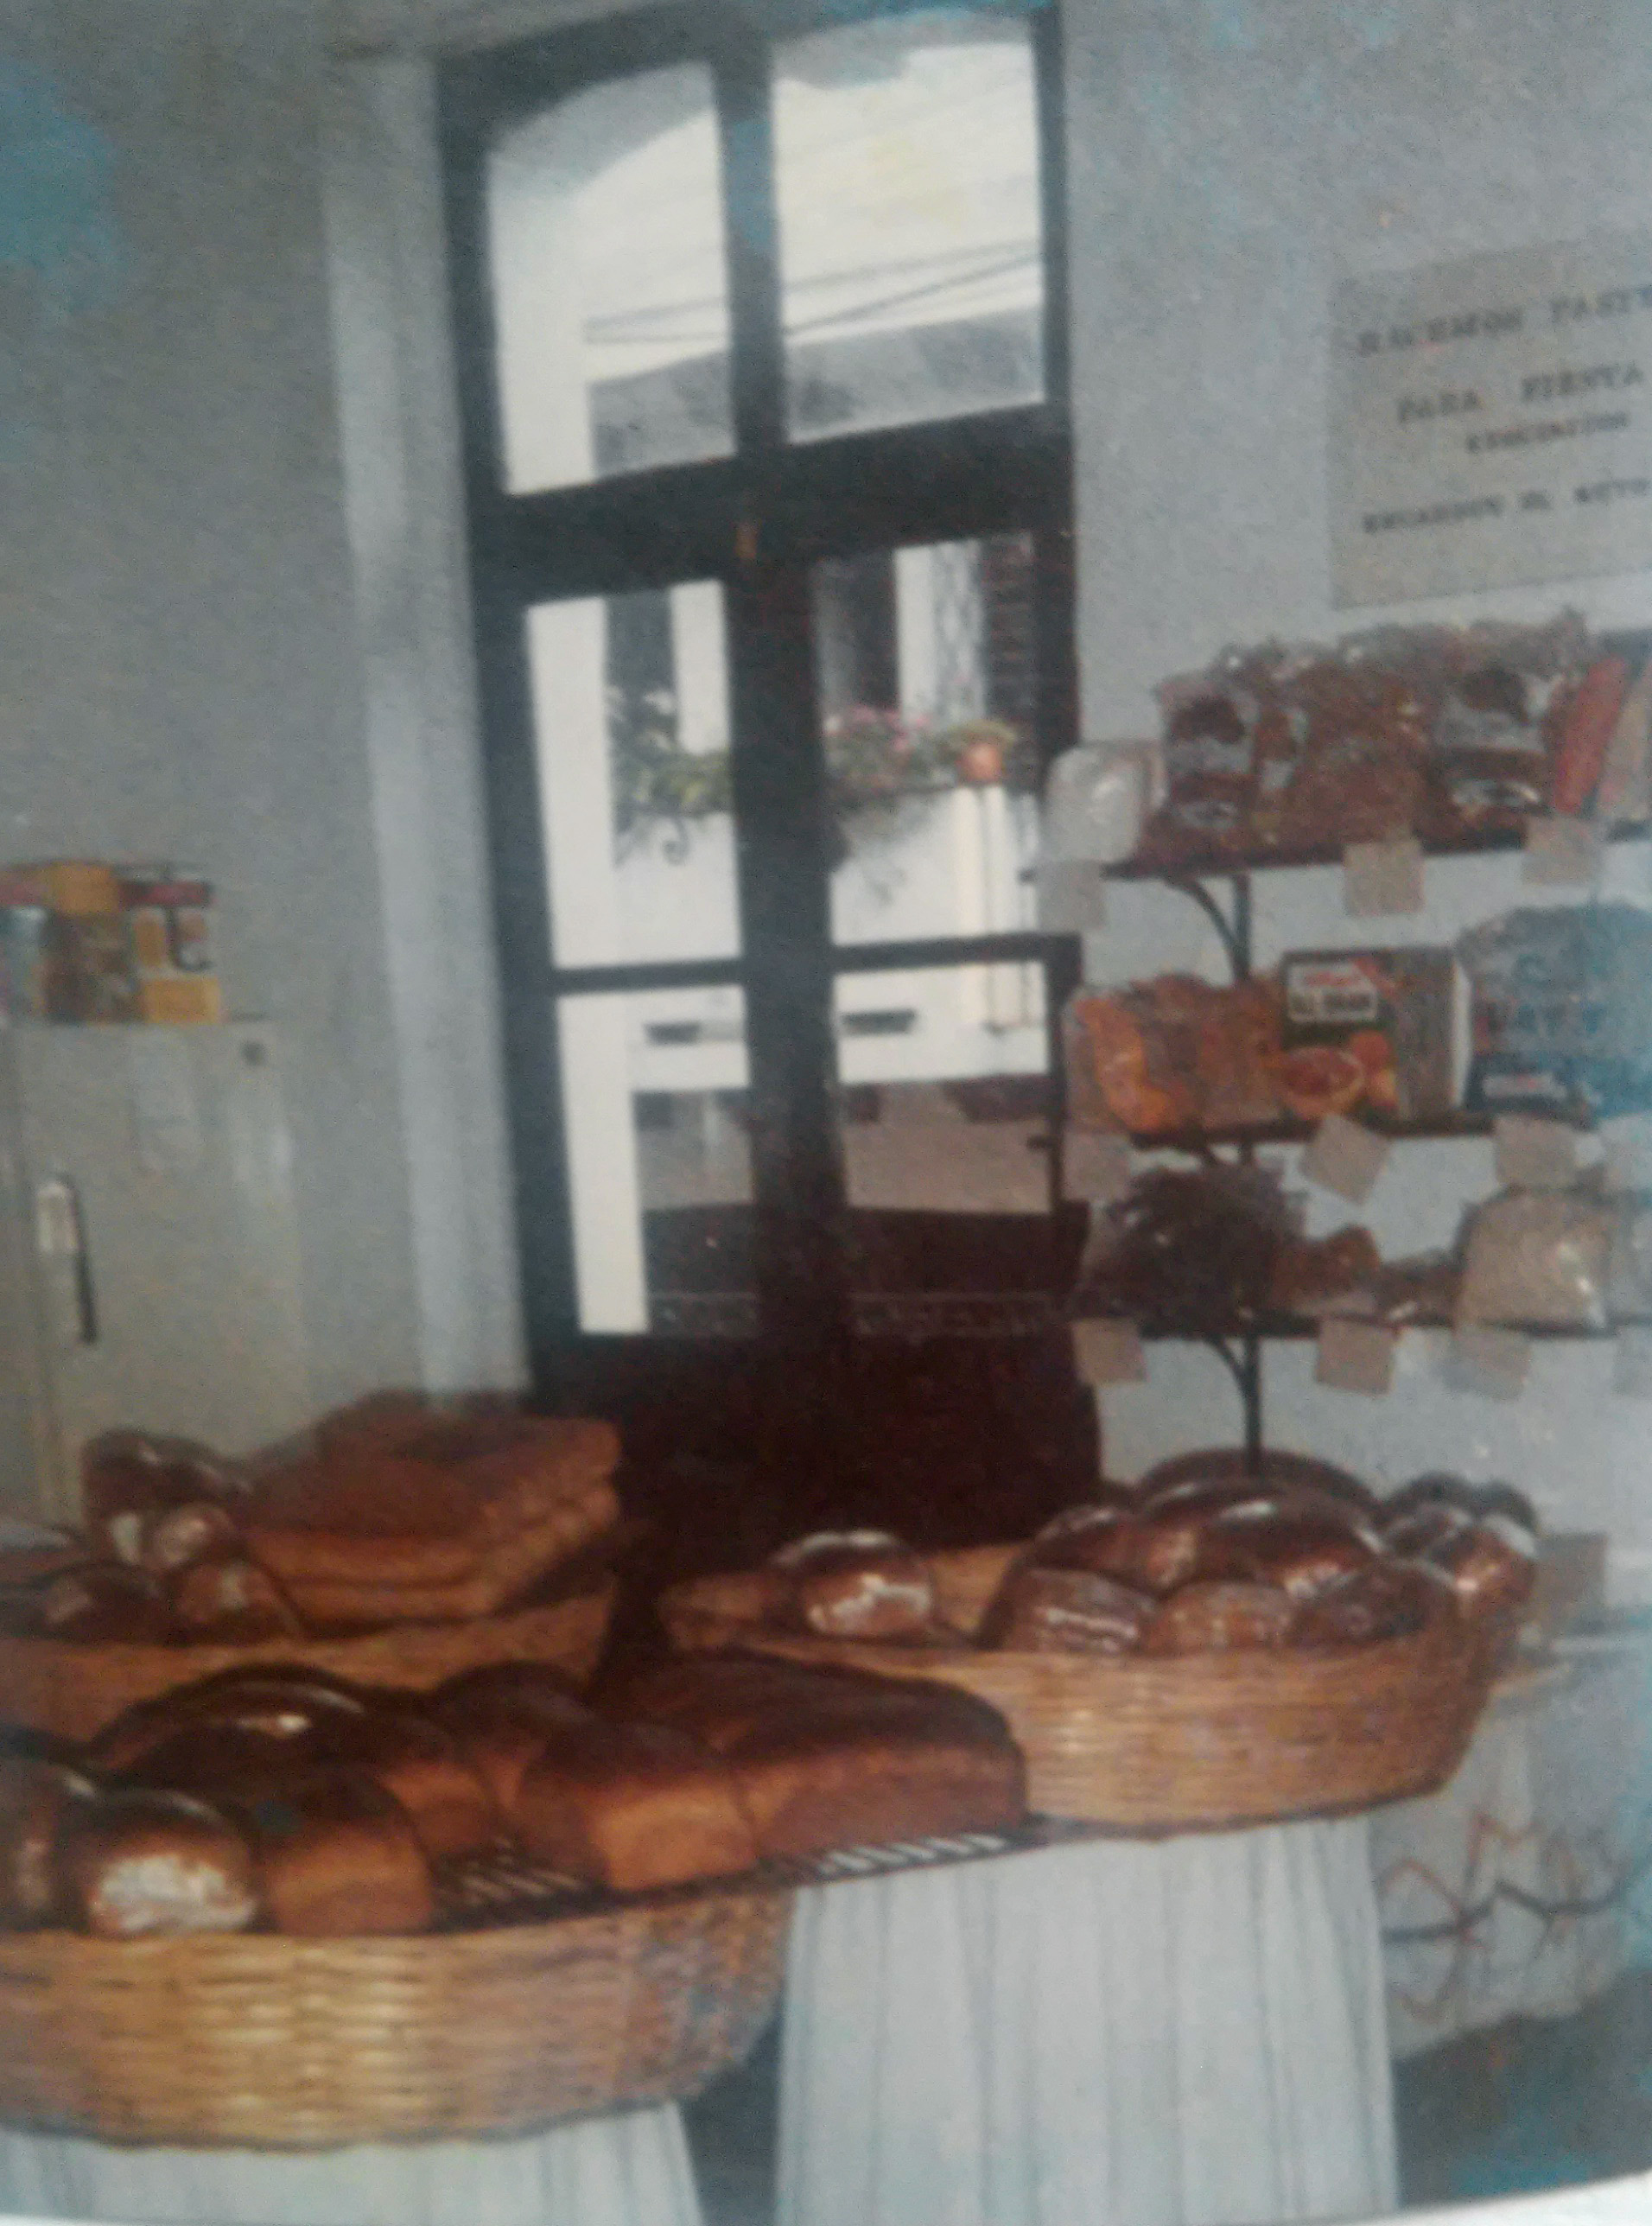 Tienda El Pan Nuestro